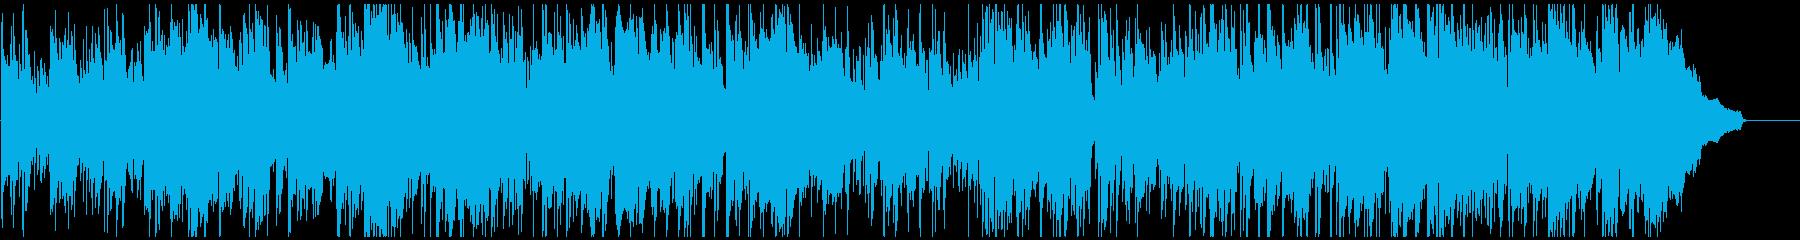 ジングルベル/ボサノバクリスマスSax生の再生済みの波形